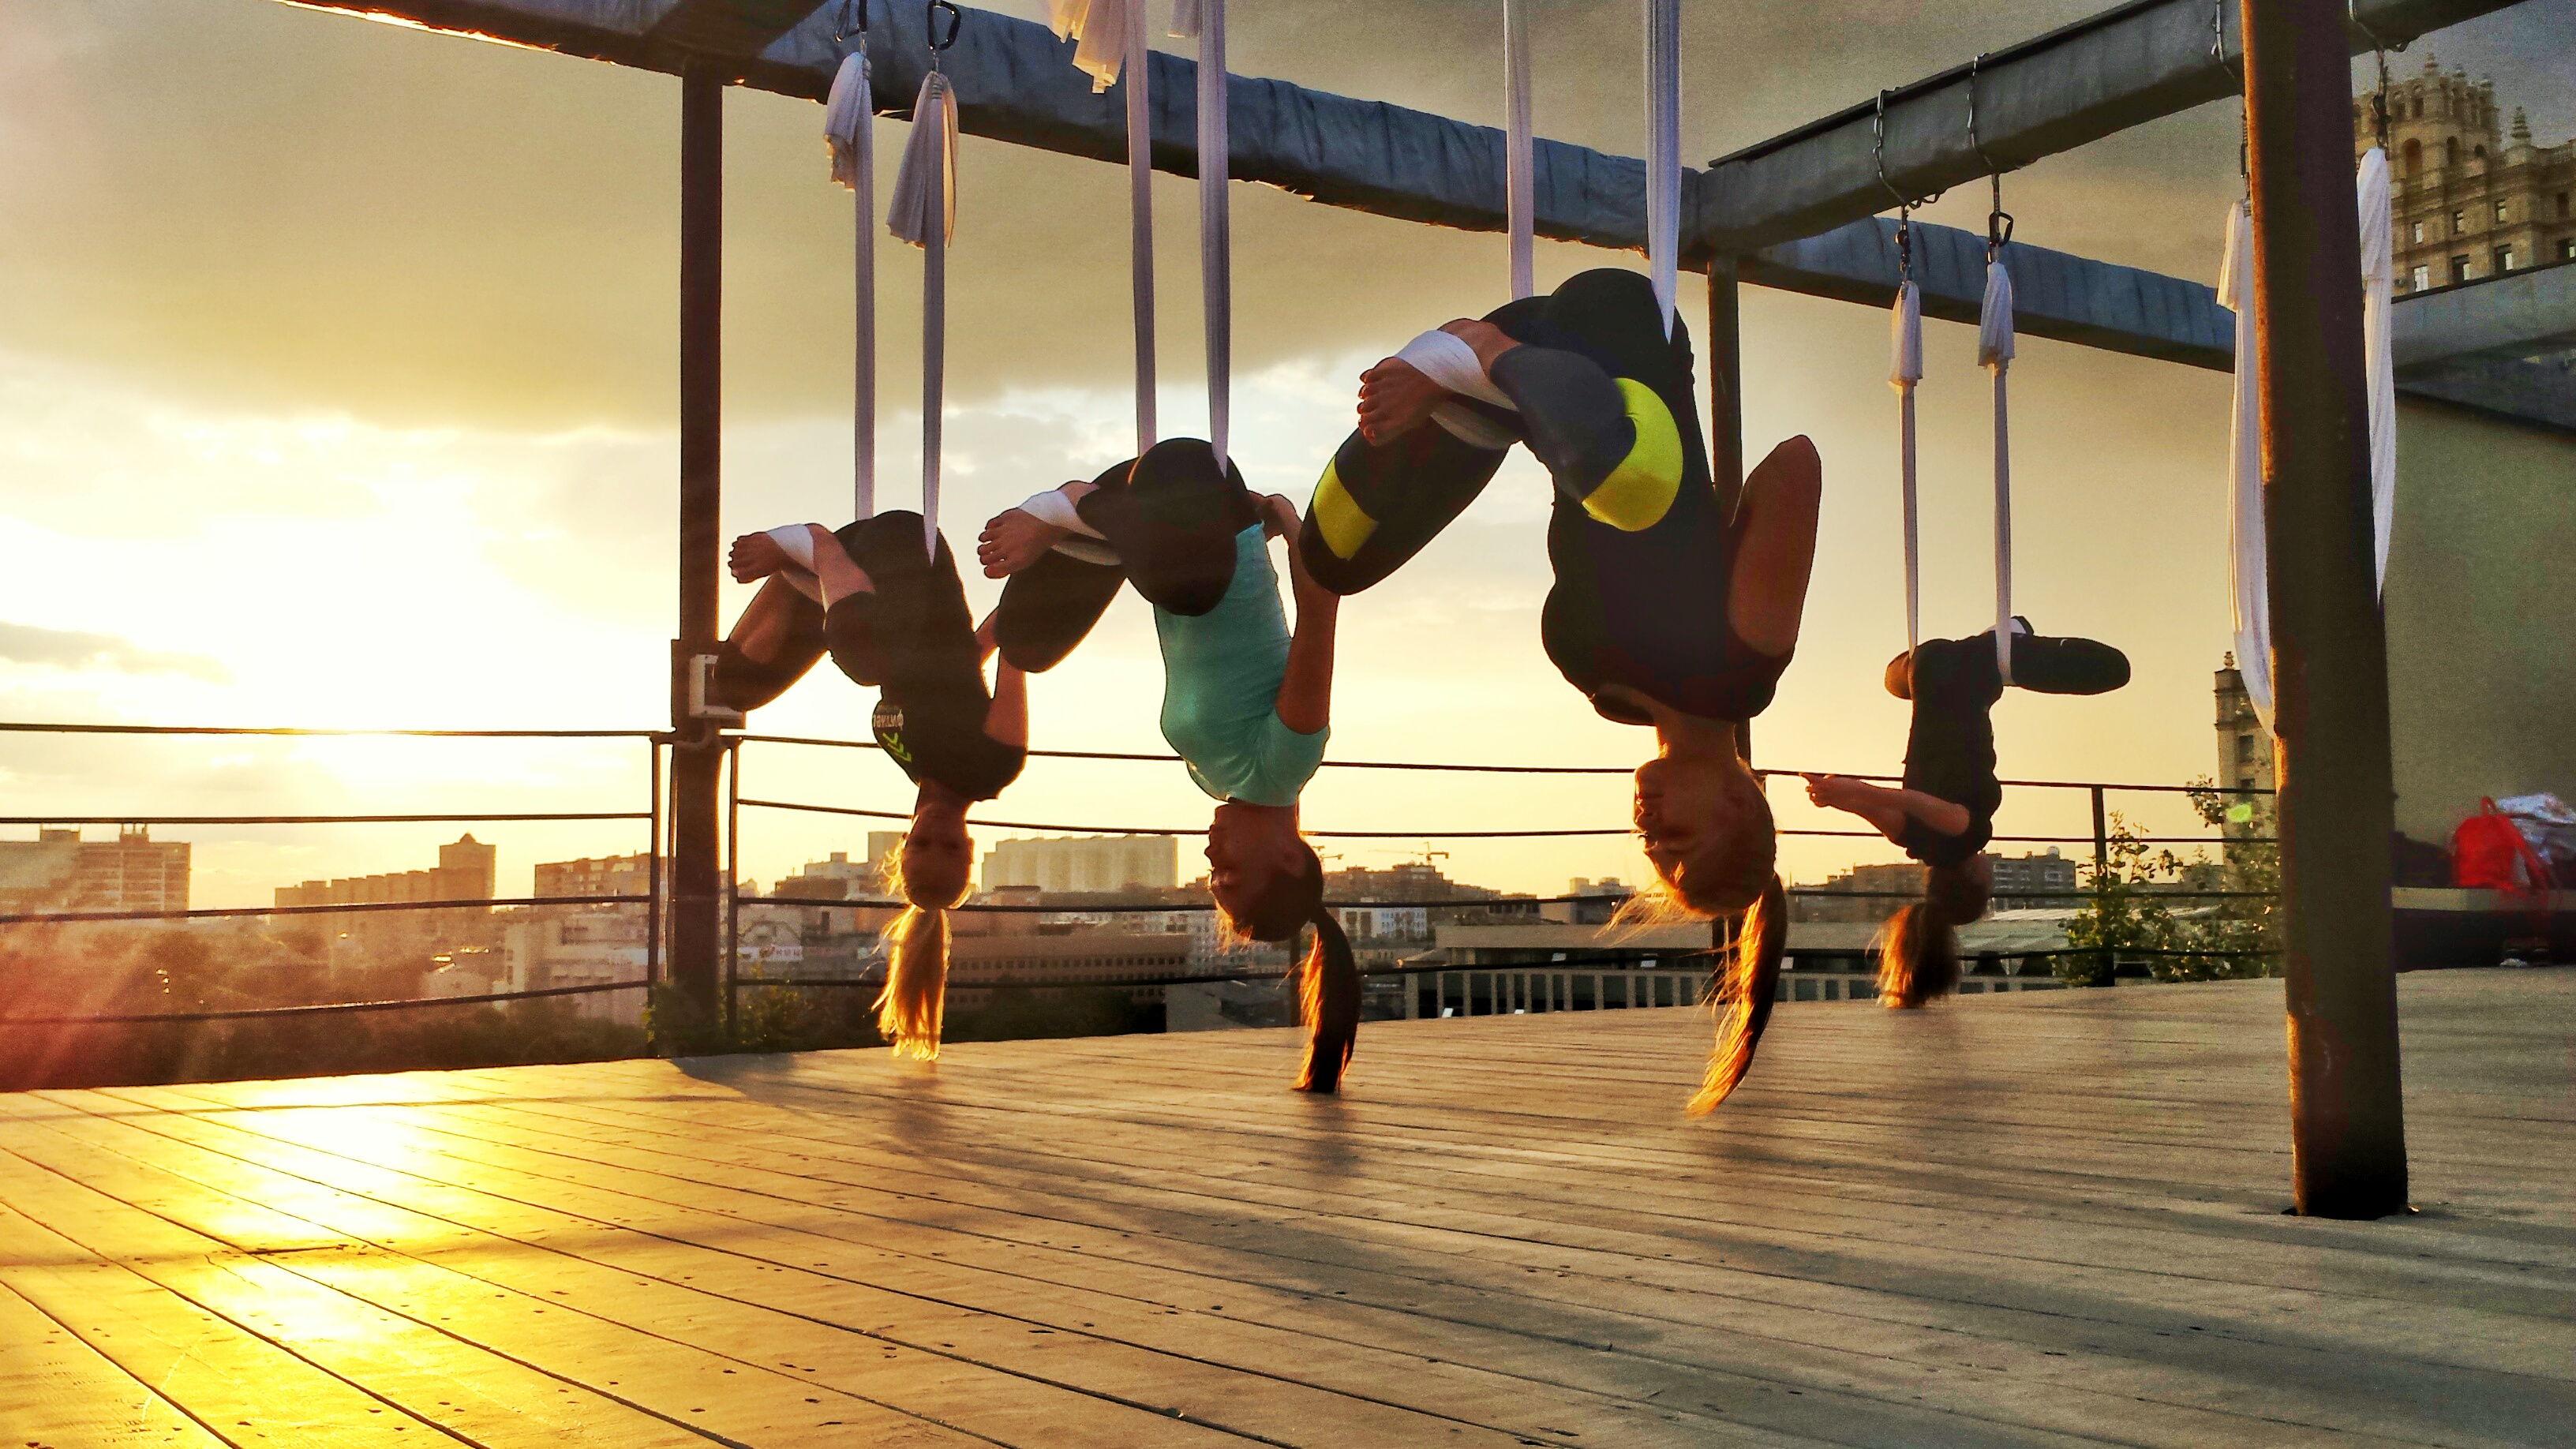 Компании FitnessHolding, фитнес на крыше, AntiGravity, Zumba, здание Наркомфина